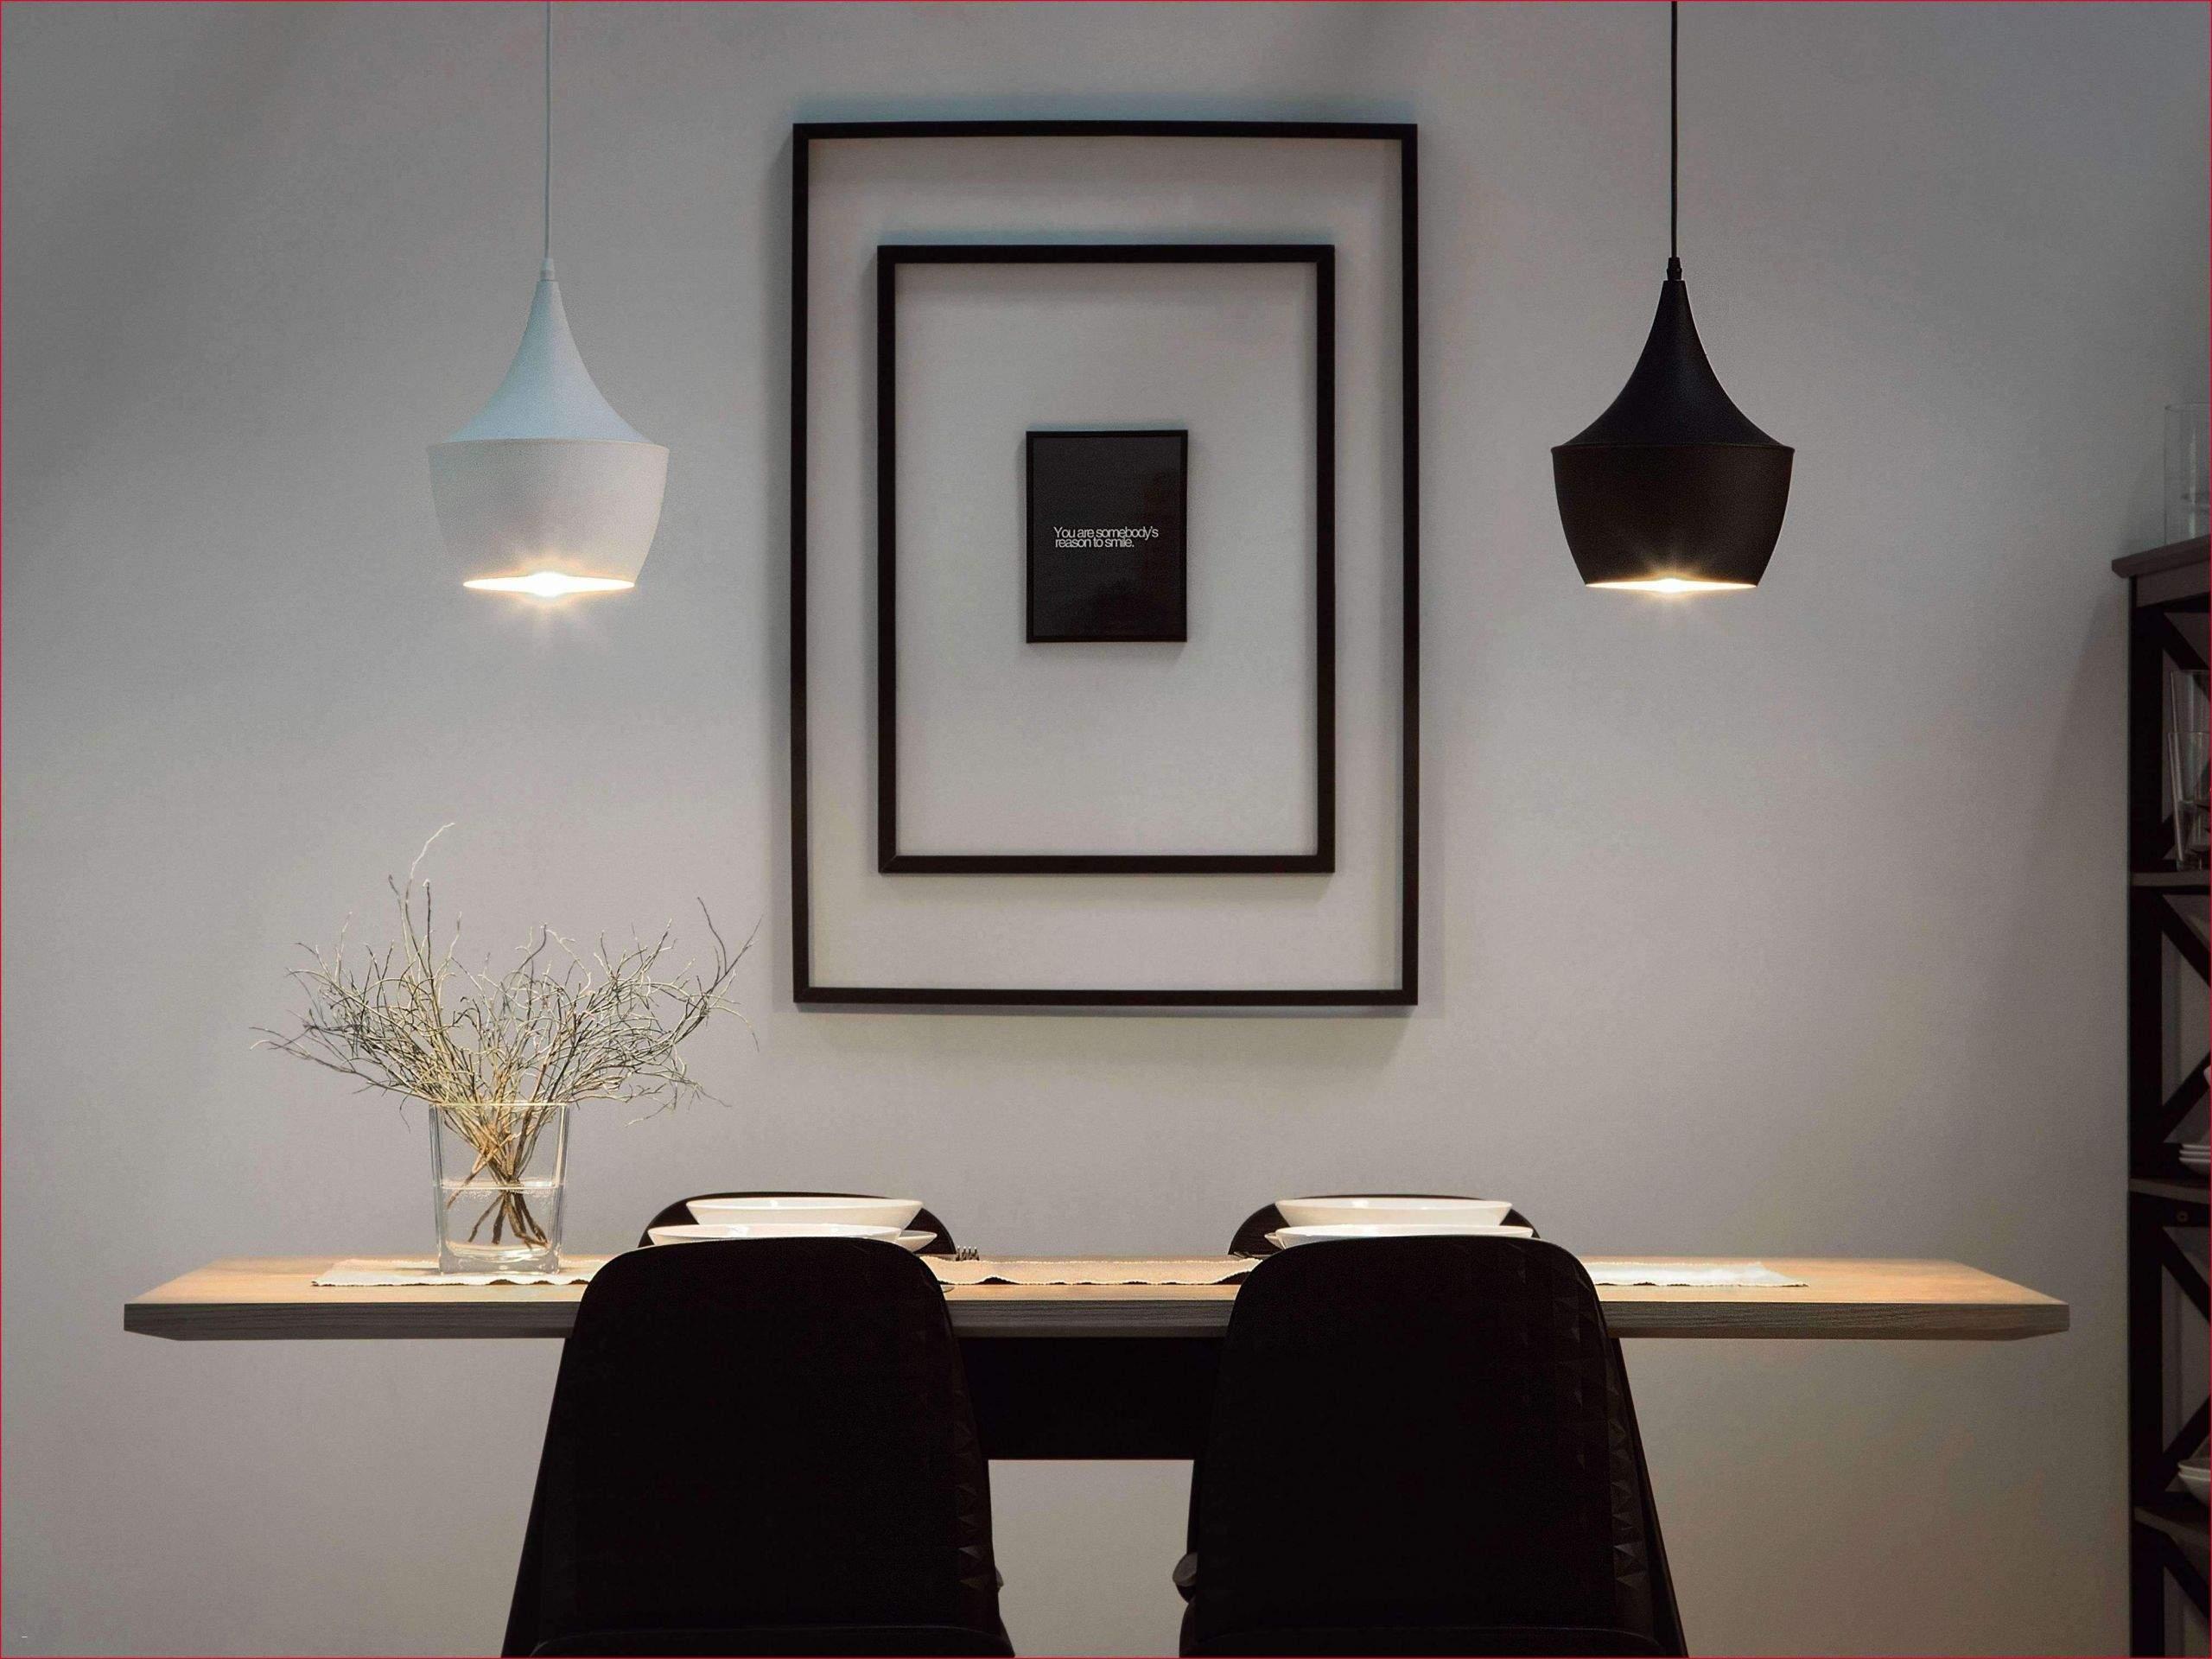 led beleuchtung wohnzimmer schon schon licht lampe sammlung von lampe idee lampe ideen of led beleuchtung wohnzimmer scaled